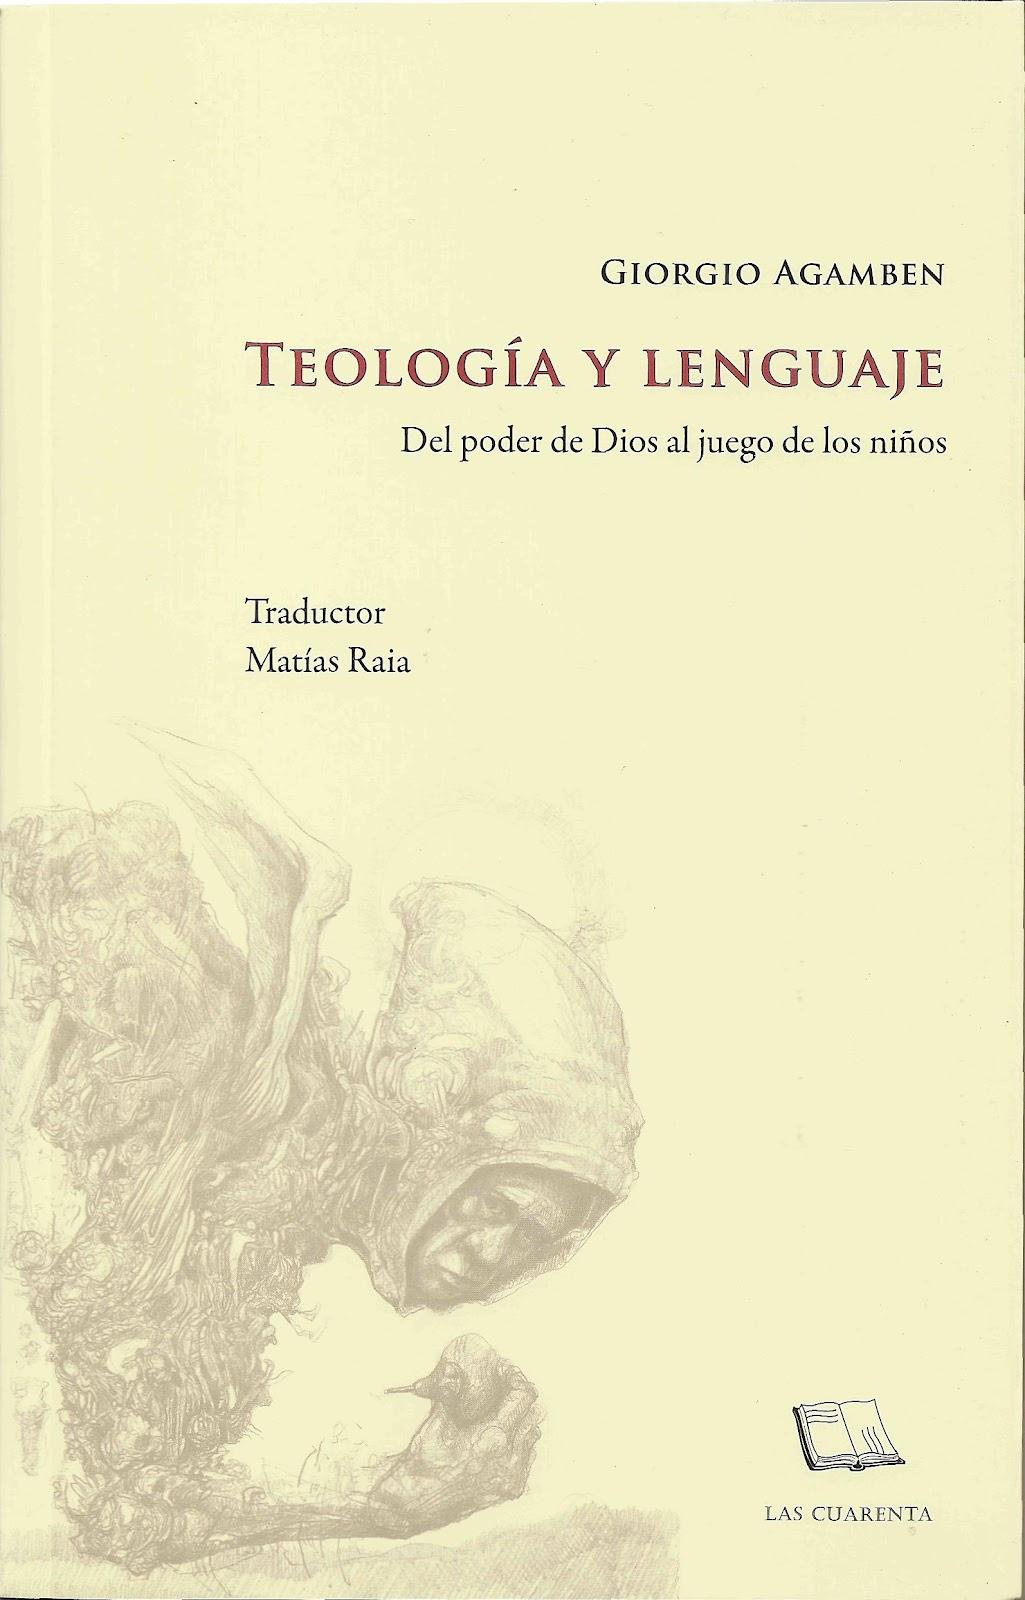 Teología y lenguaje